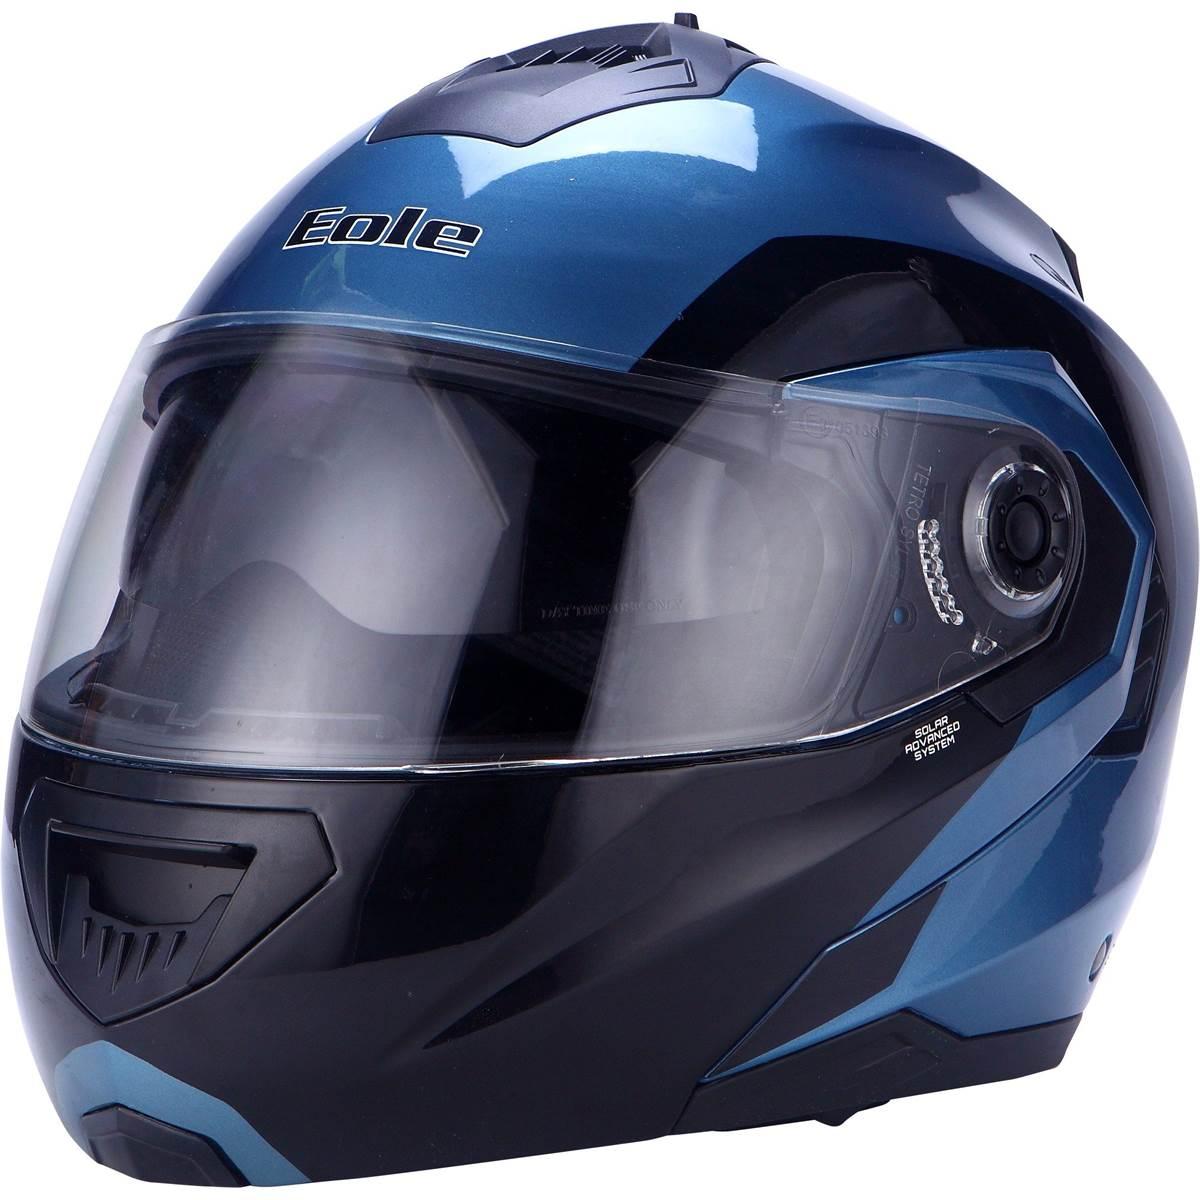 casque moto modulable noir bleu taille l eole. Black Bedroom Furniture Sets. Home Design Ideas